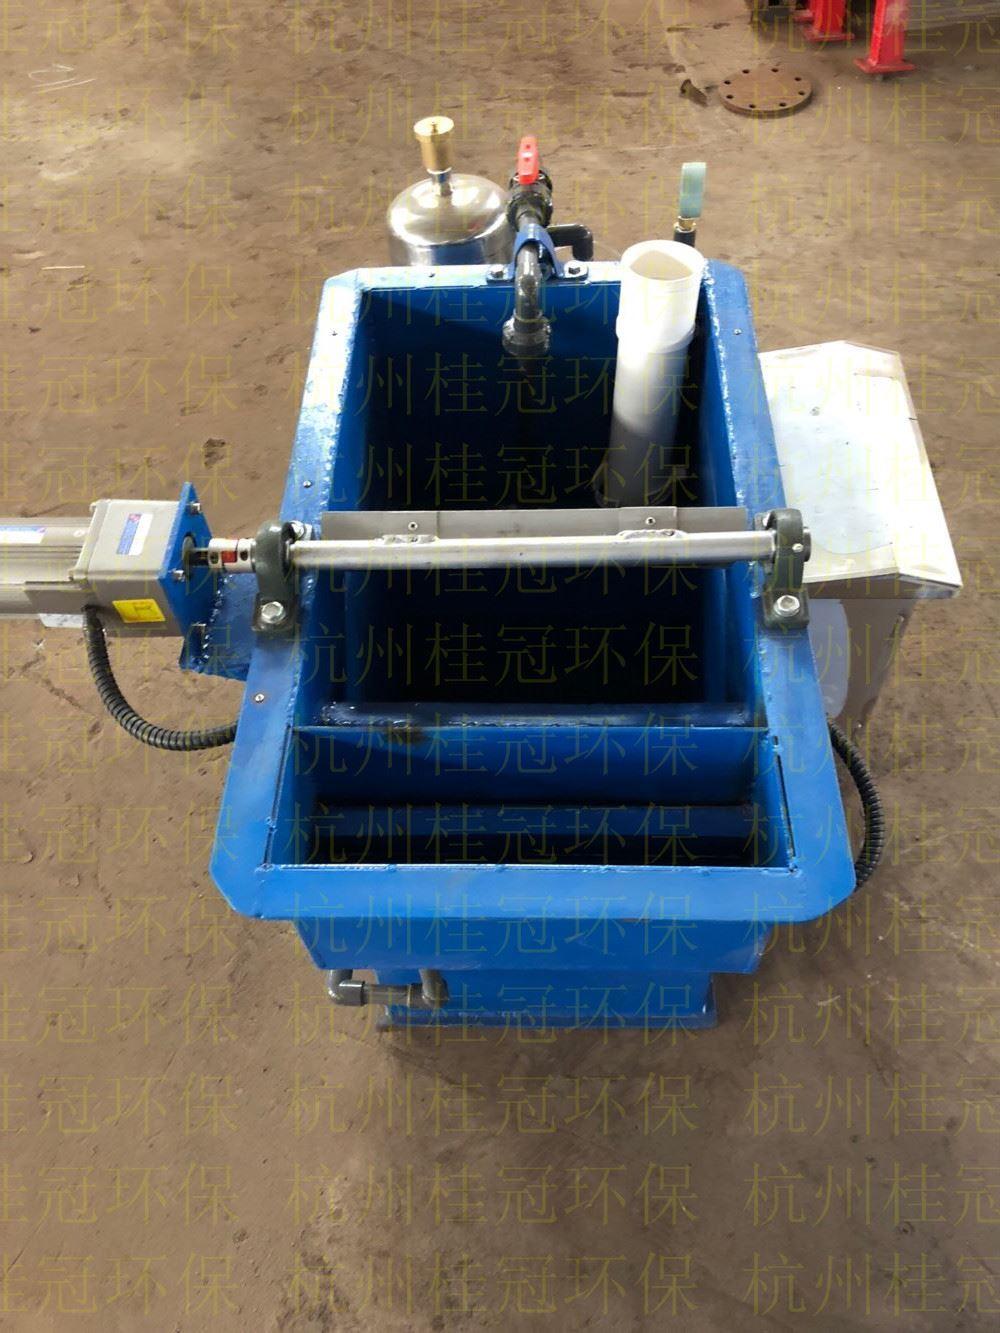 微纳米气泡技术在农业中的广泛应用